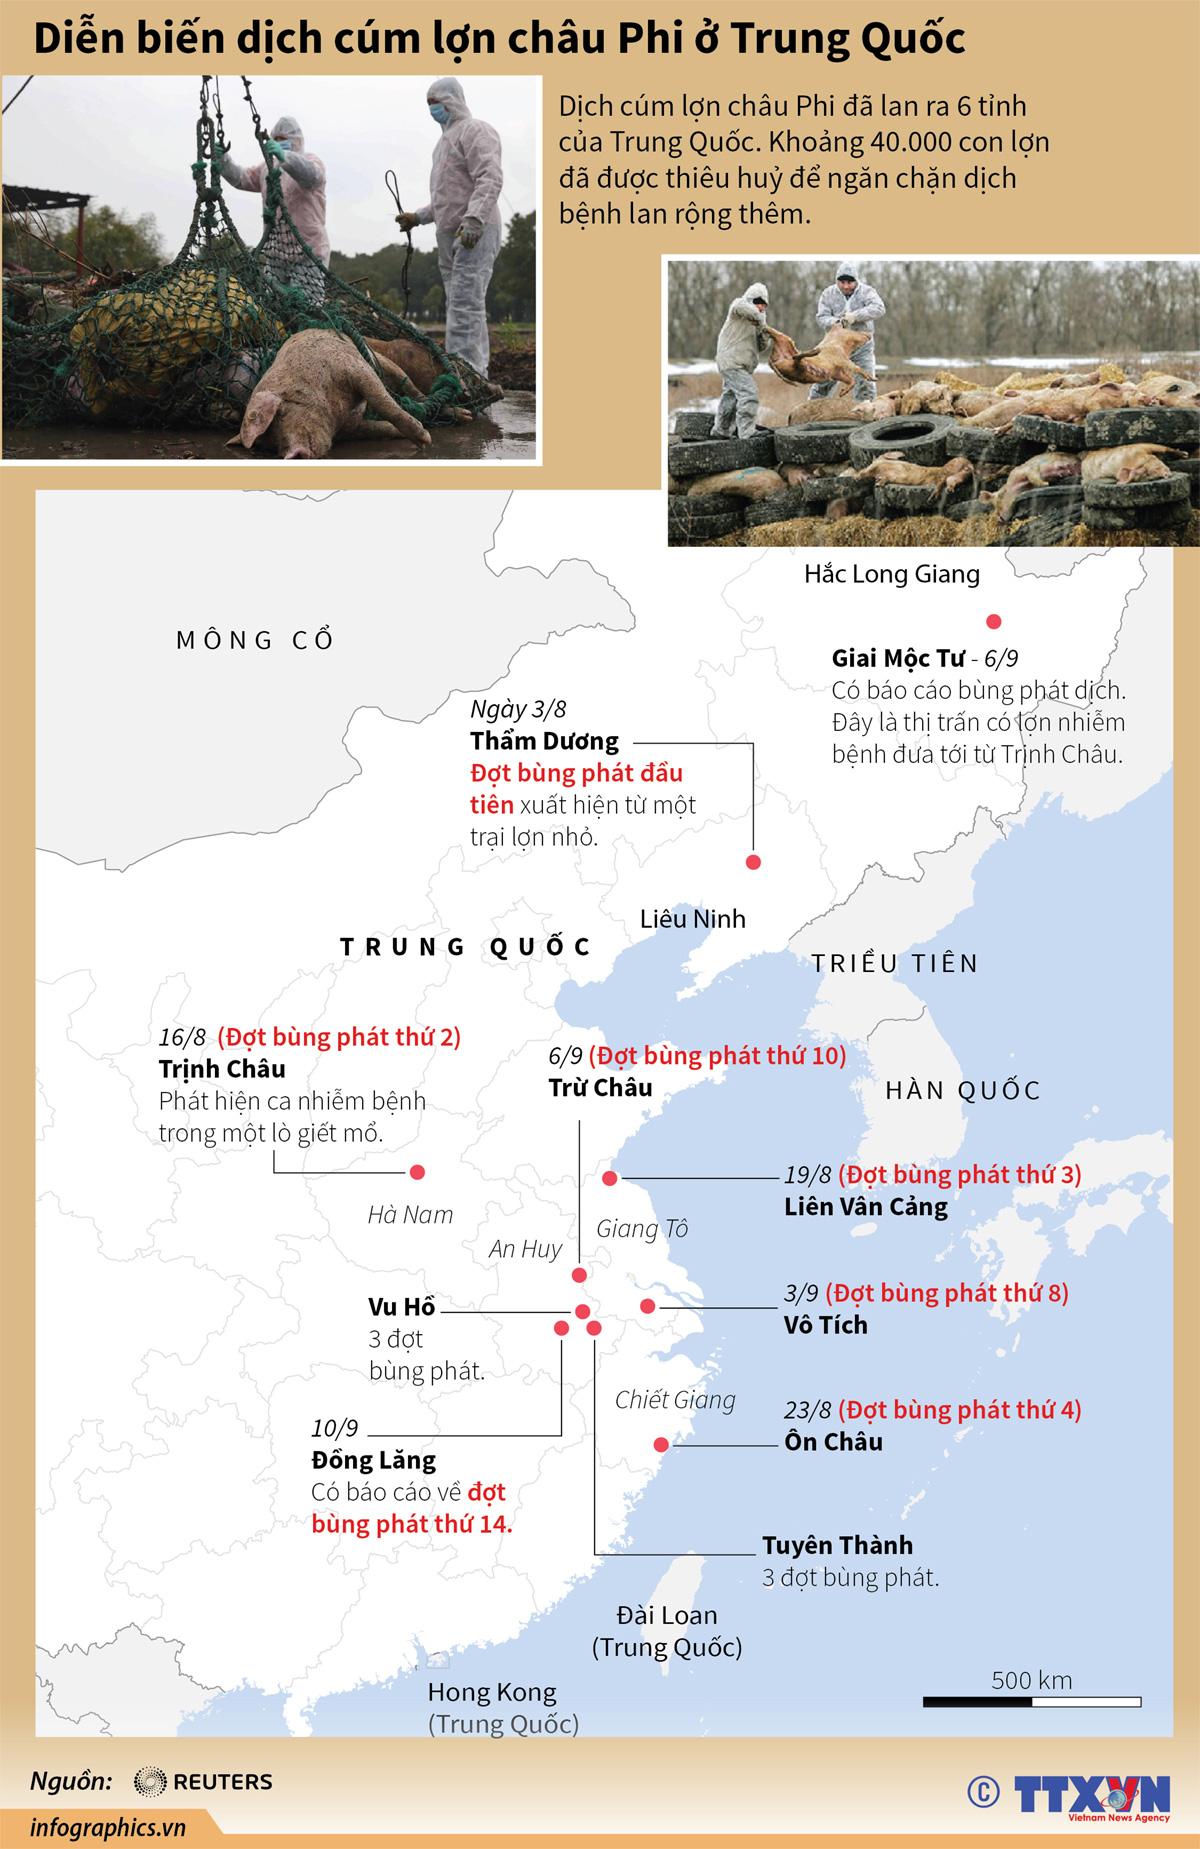 dịch cúm lợn châu Phi, Trung Quốc, tiêu hủy, ngăn chặn dịch bệnh, lây lan dịch bệnh